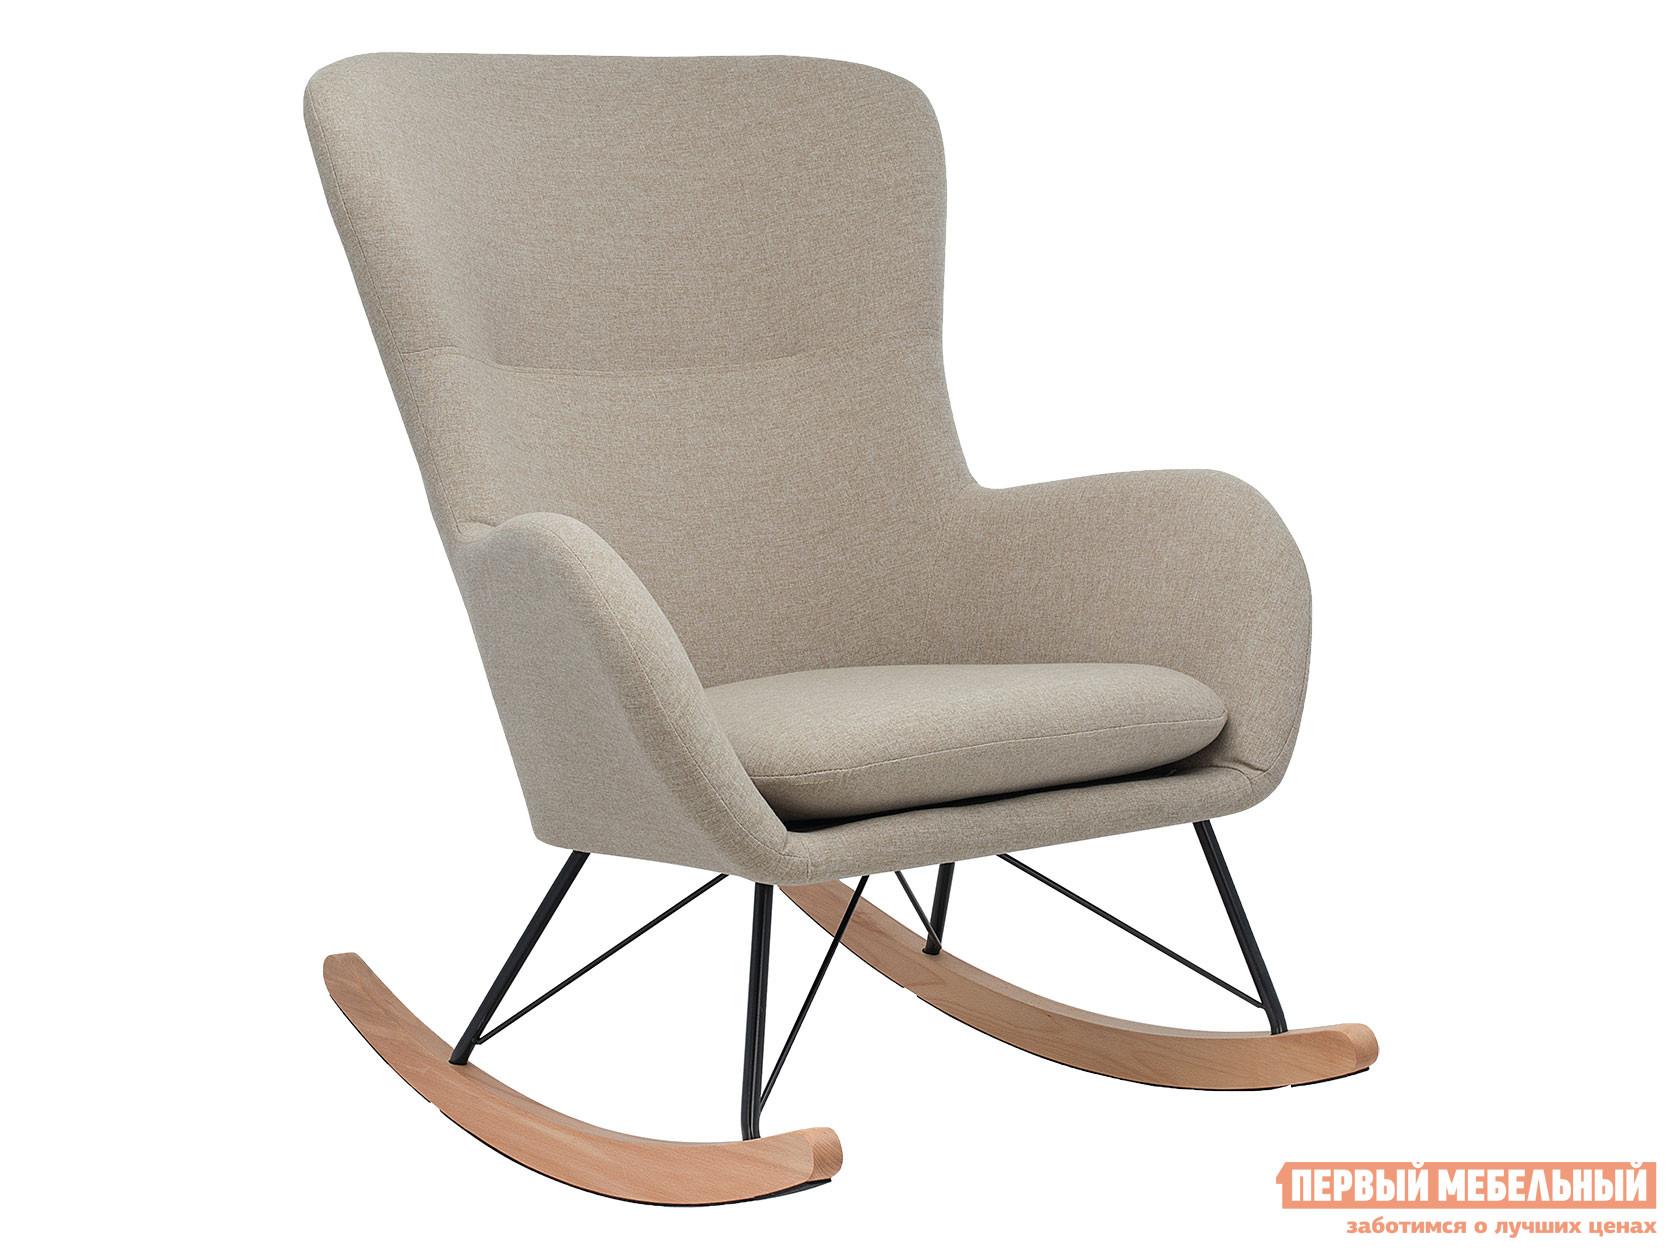 Кресло-качалка Мебель Импэкс Кресло-качалка LESET SHERLOCK кресло качалка мебель импэкс кресло качалка складное белтех